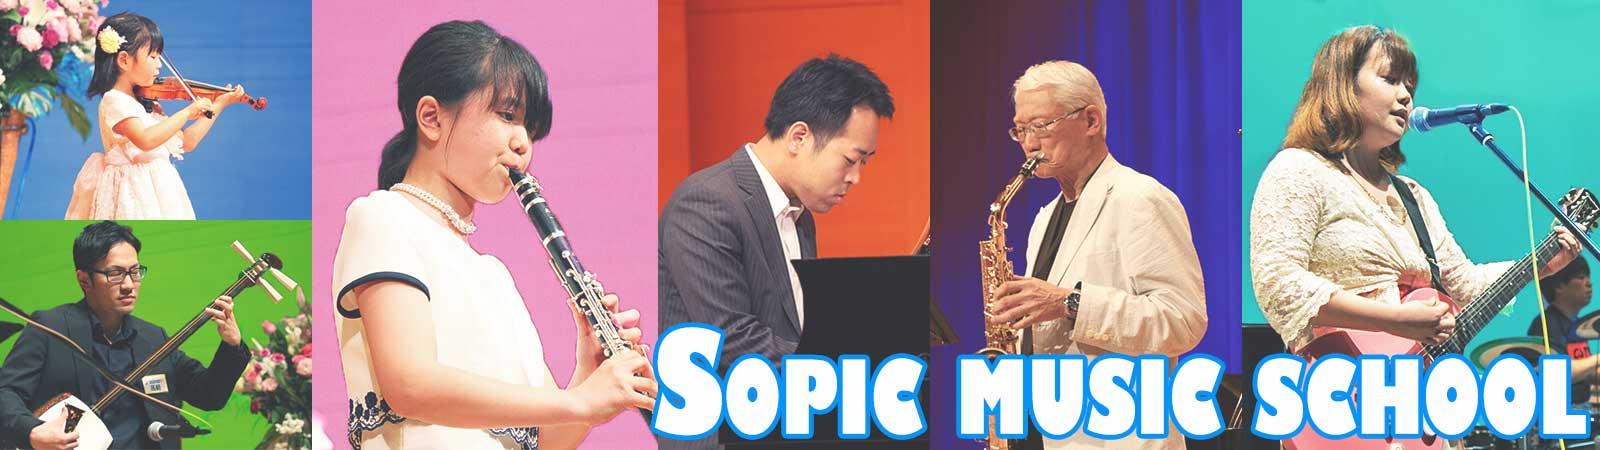 ソピック音楽教室ブログ